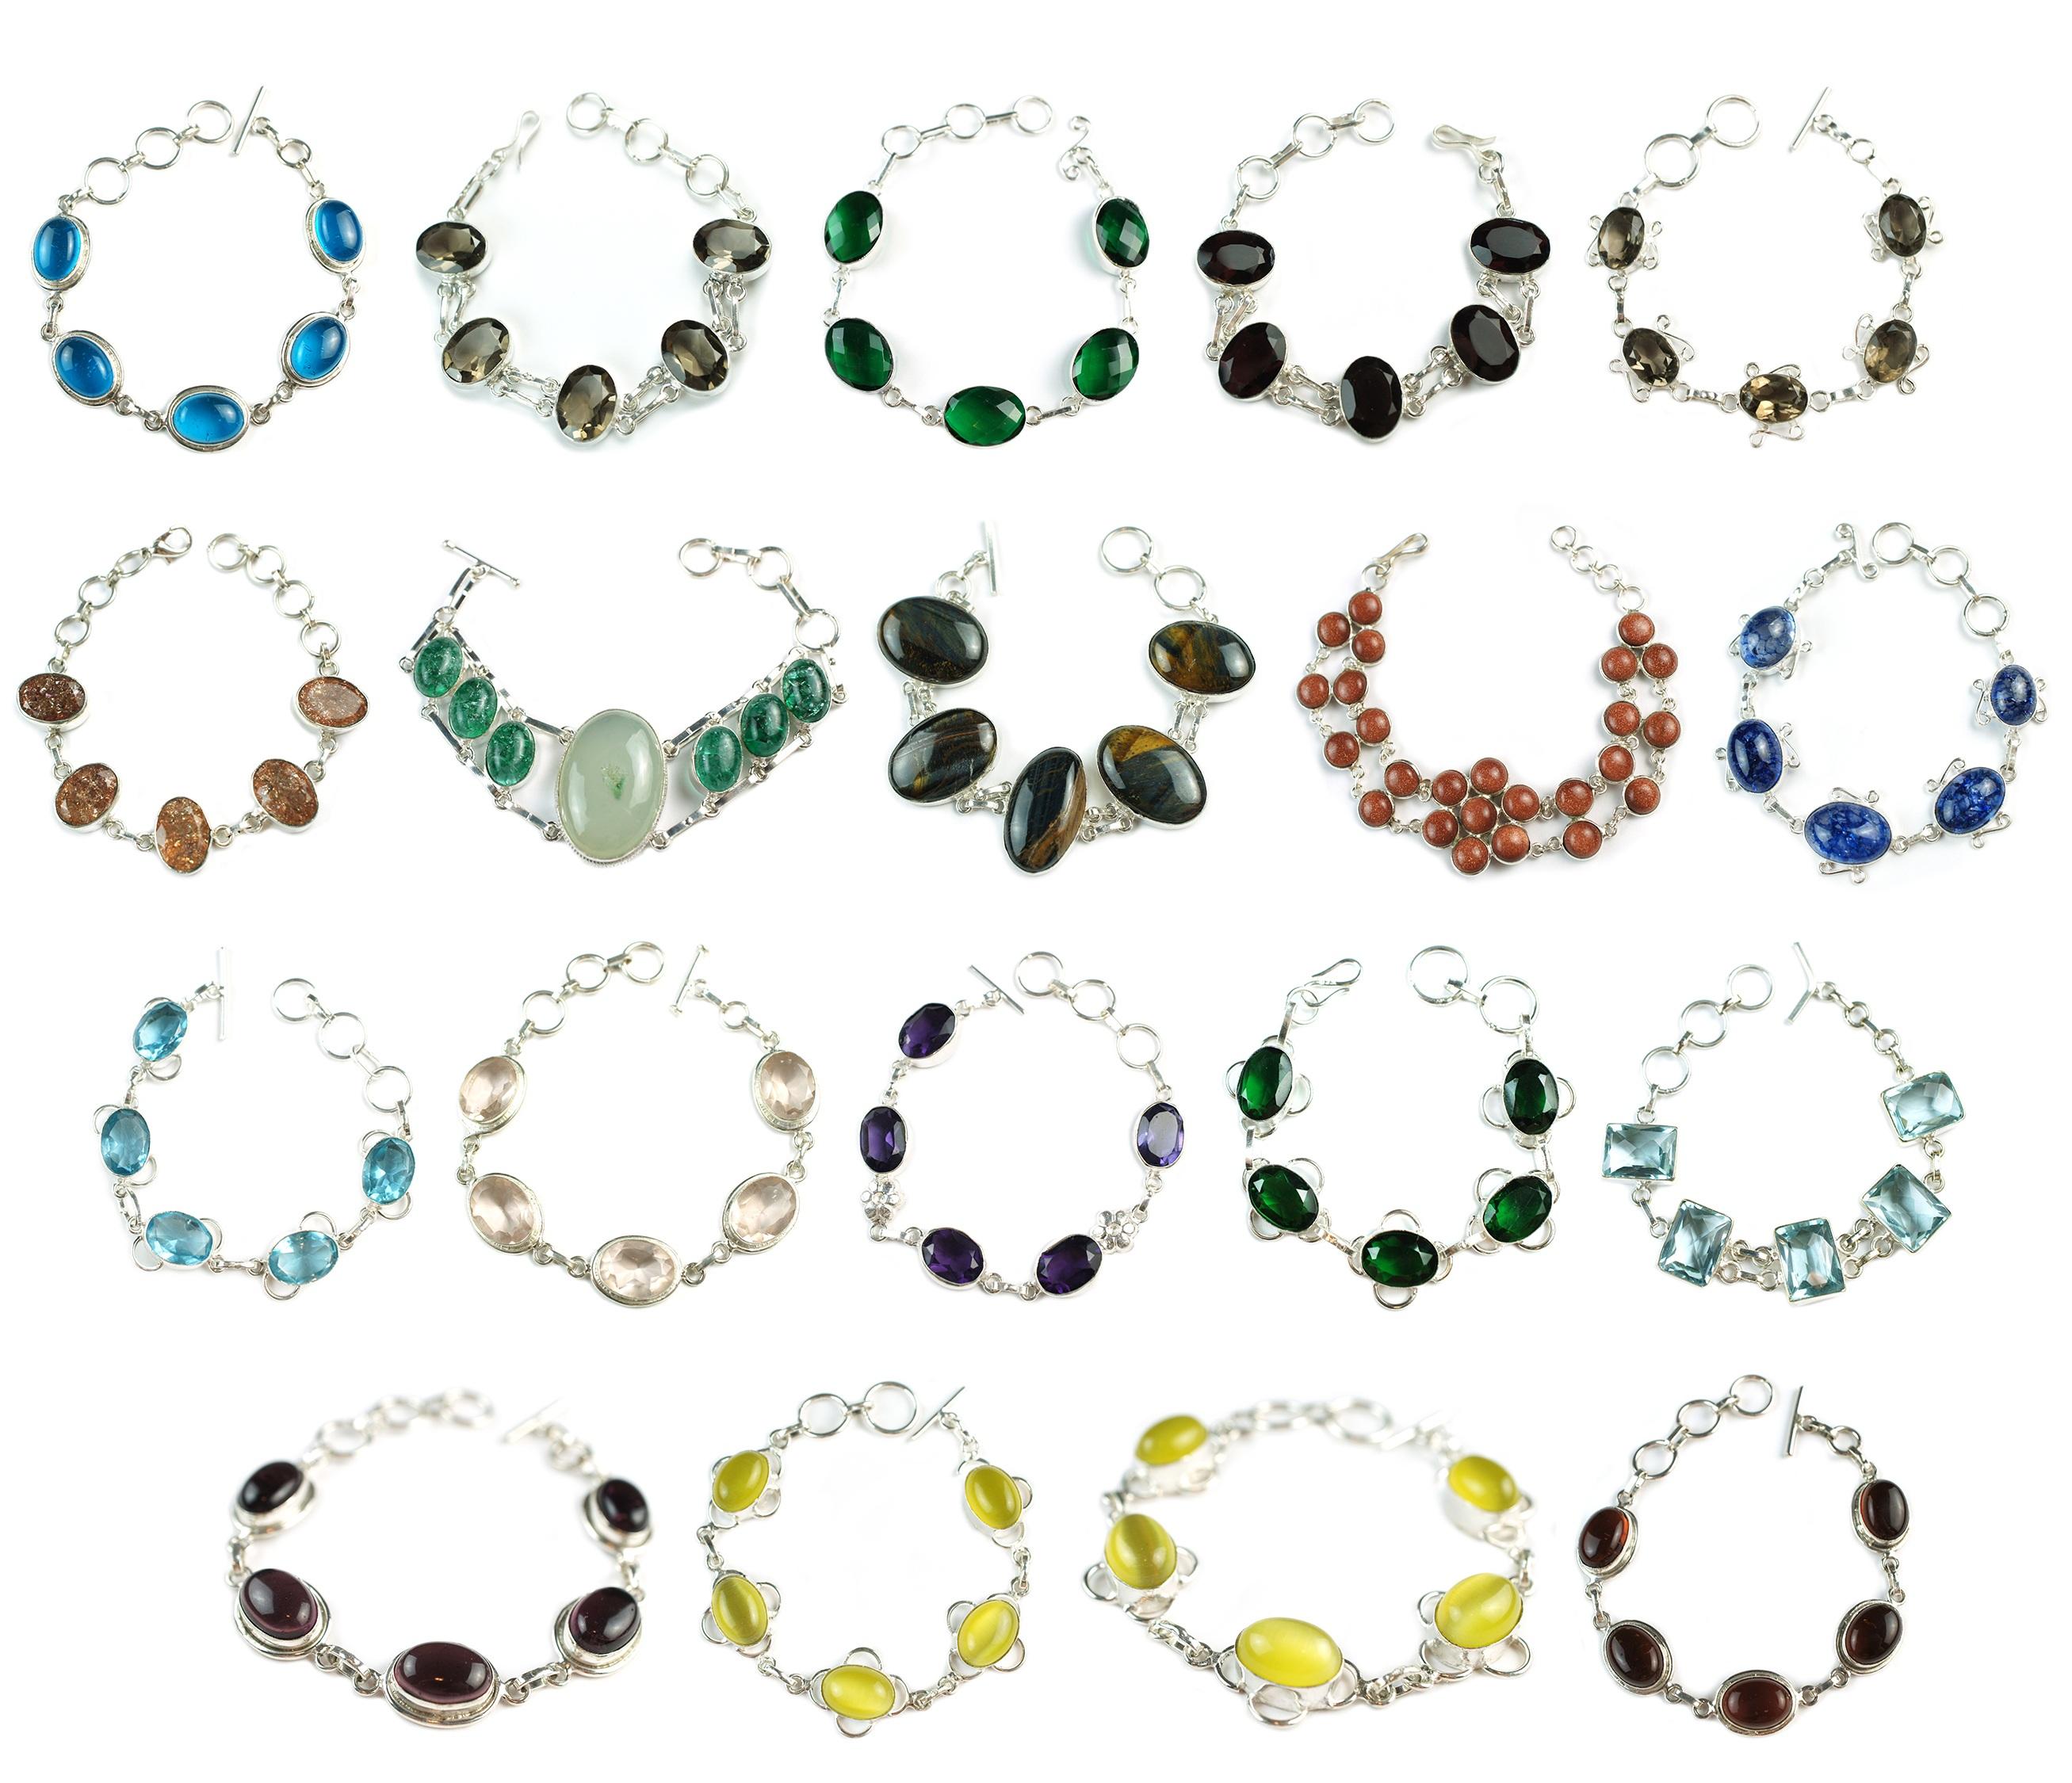 Images Gratuites   chaîne, verre, pierre, Orange, modèle, rouge, marron,  bleu, Coloré, jaune, perle, bijoux, bijou, Police de caractère, argent,  Bracelets, ... 0a40dce4b960